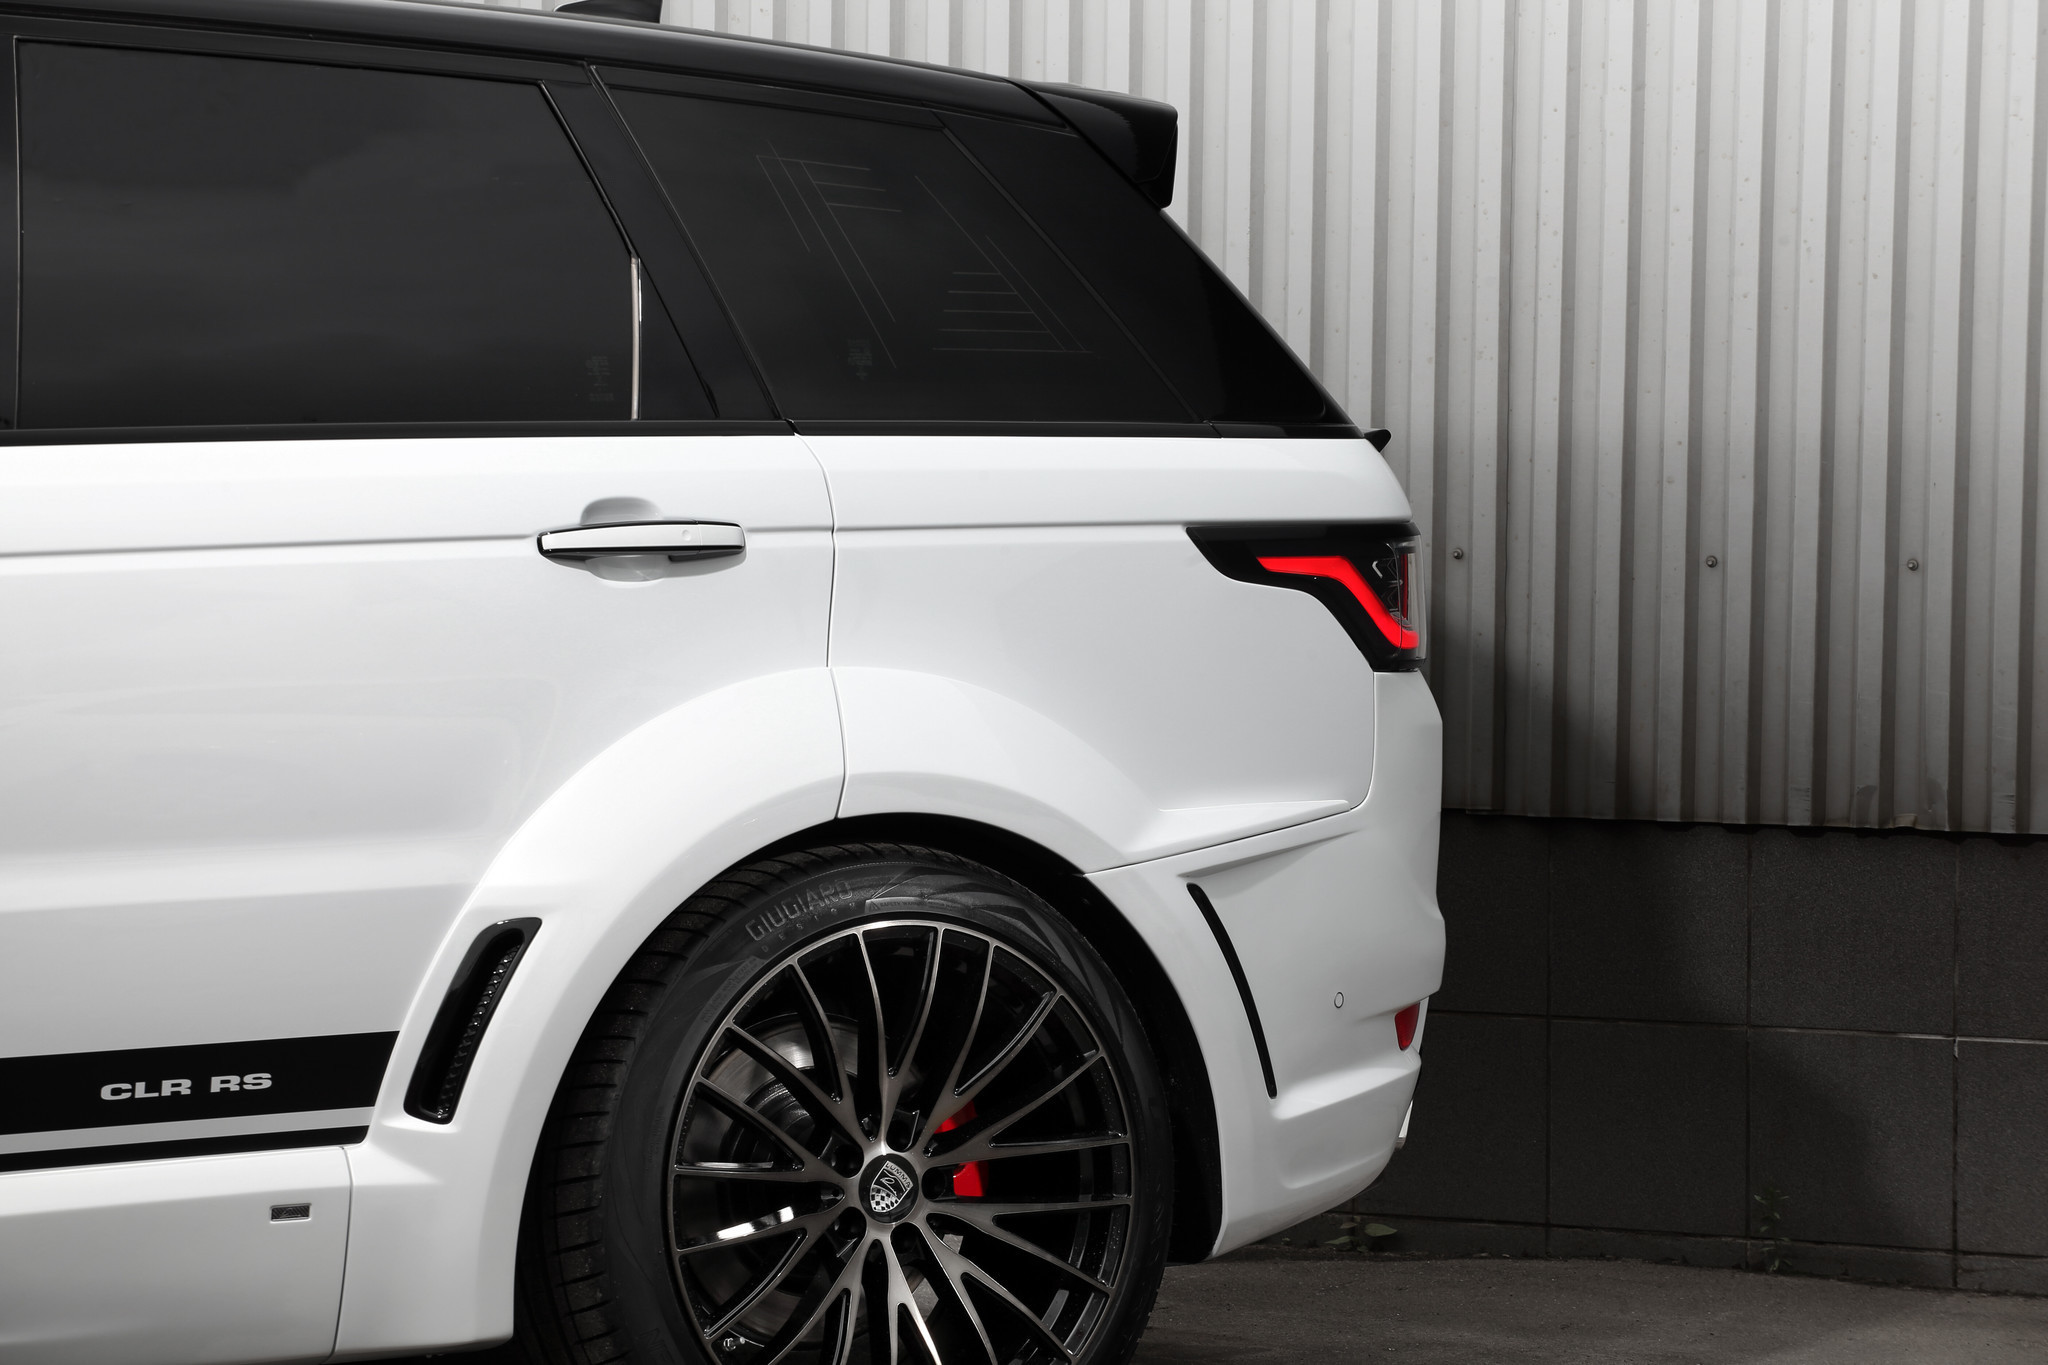 LUMMA CLR RS 2018 body kit FOR RANGE ROVER SPORT MY2018